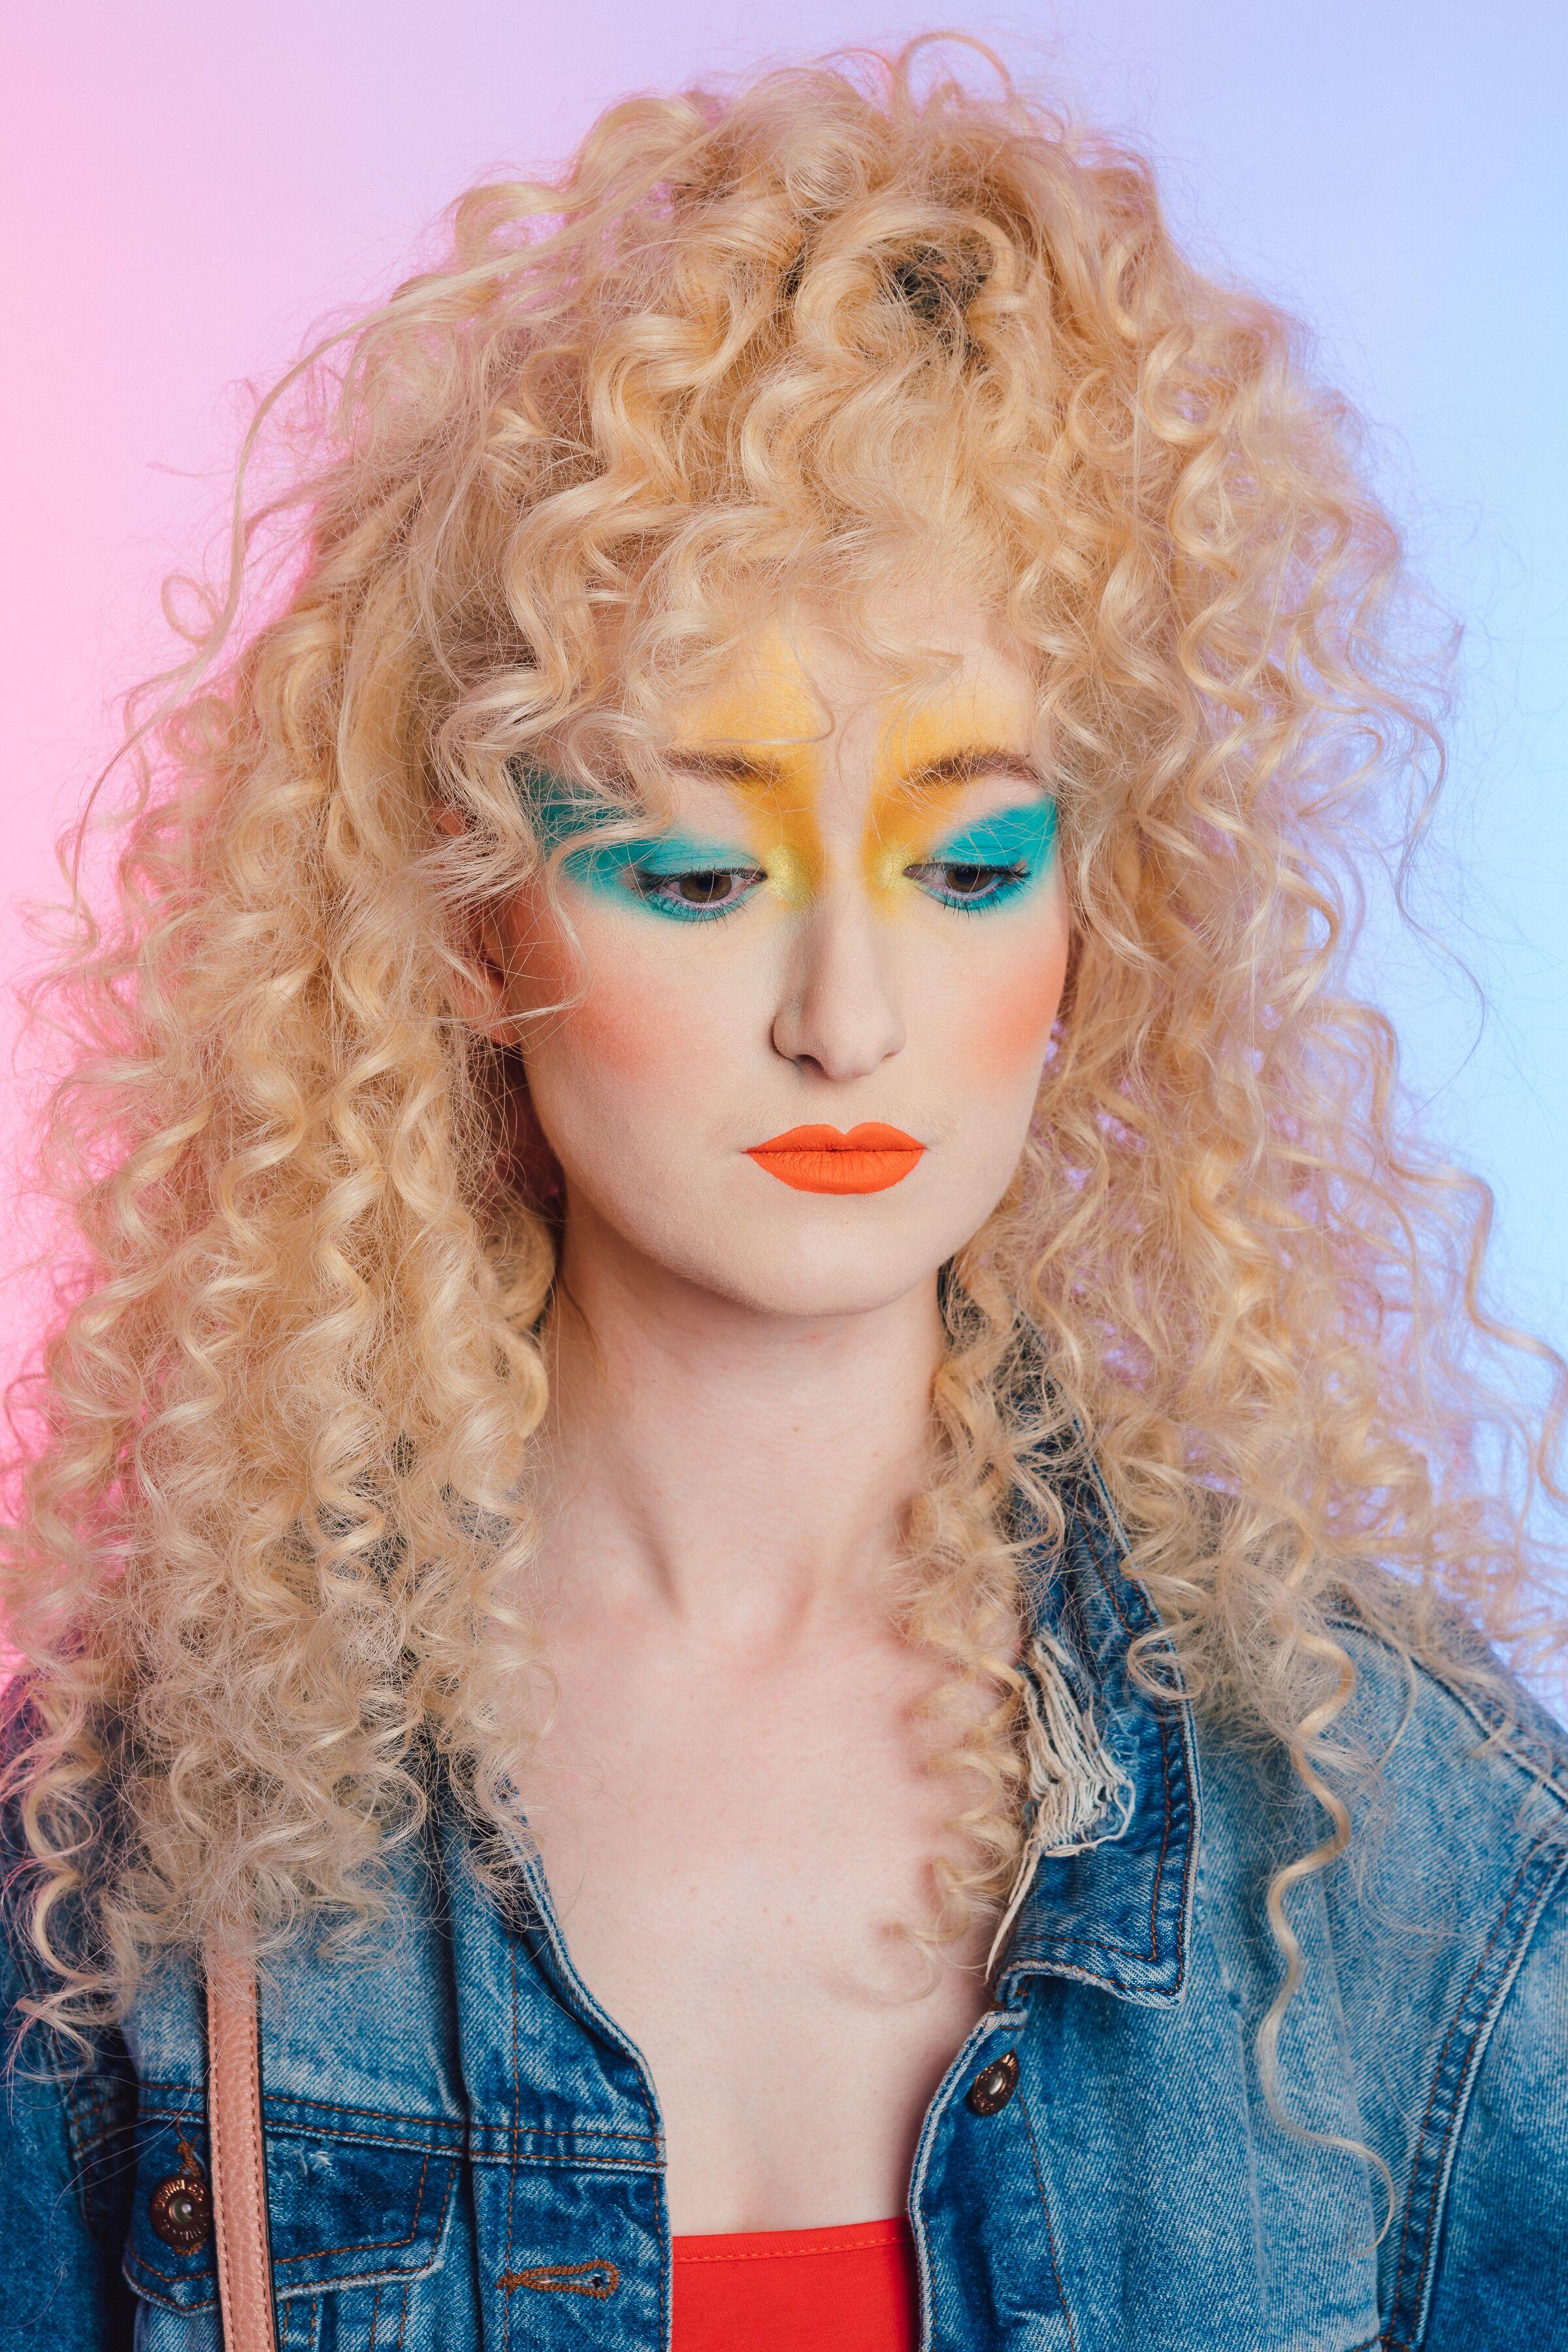 Student Makeup Work